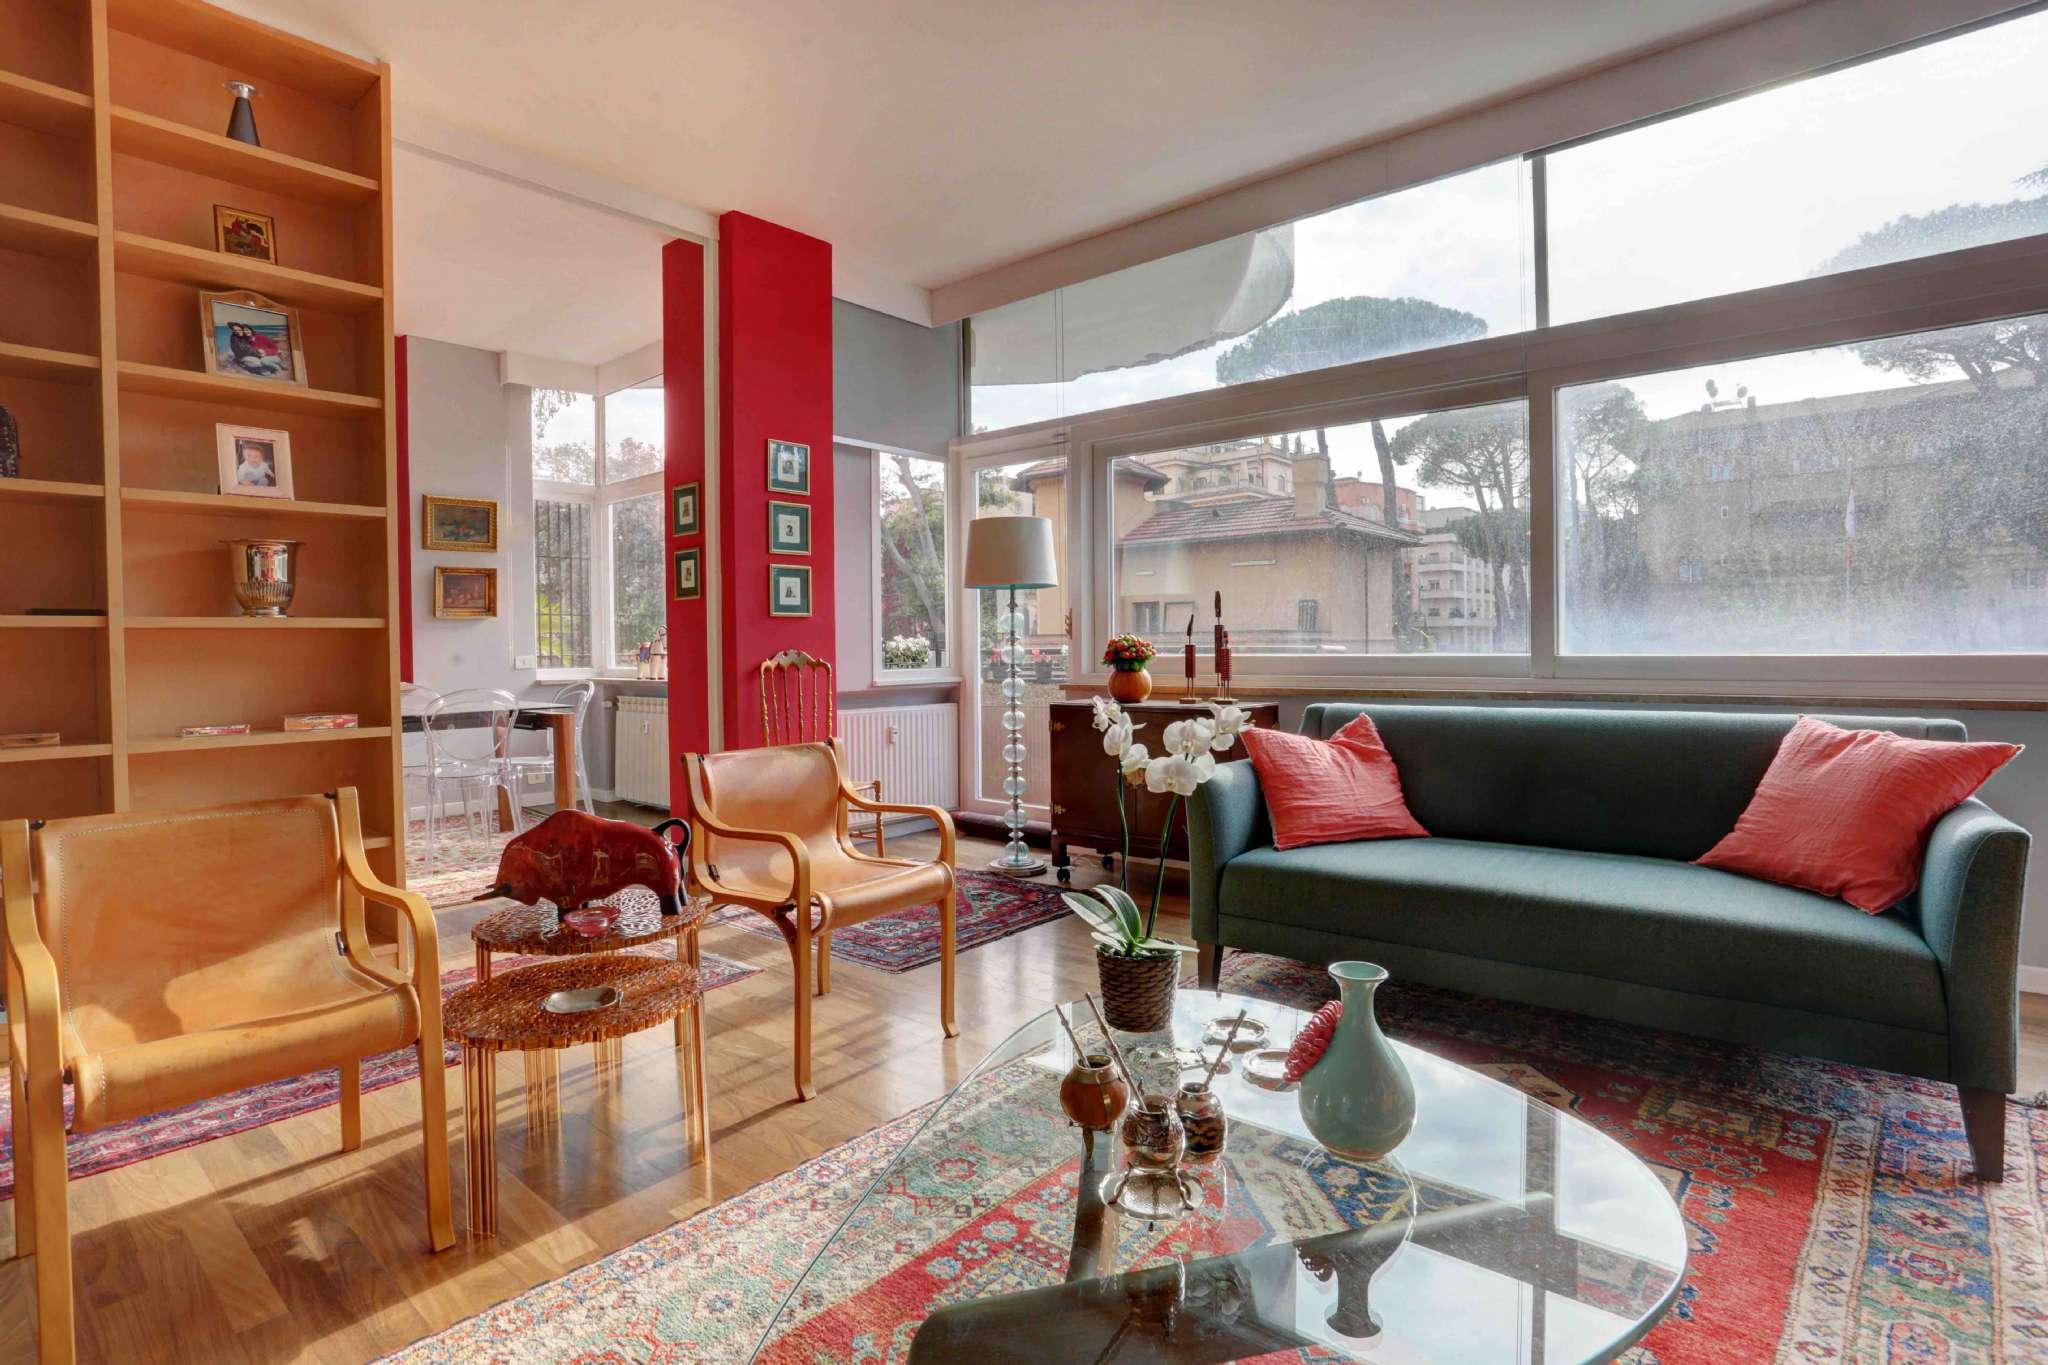 Appartamenti tre camere in affitto a roma for Appartamenti roma affitto mensile